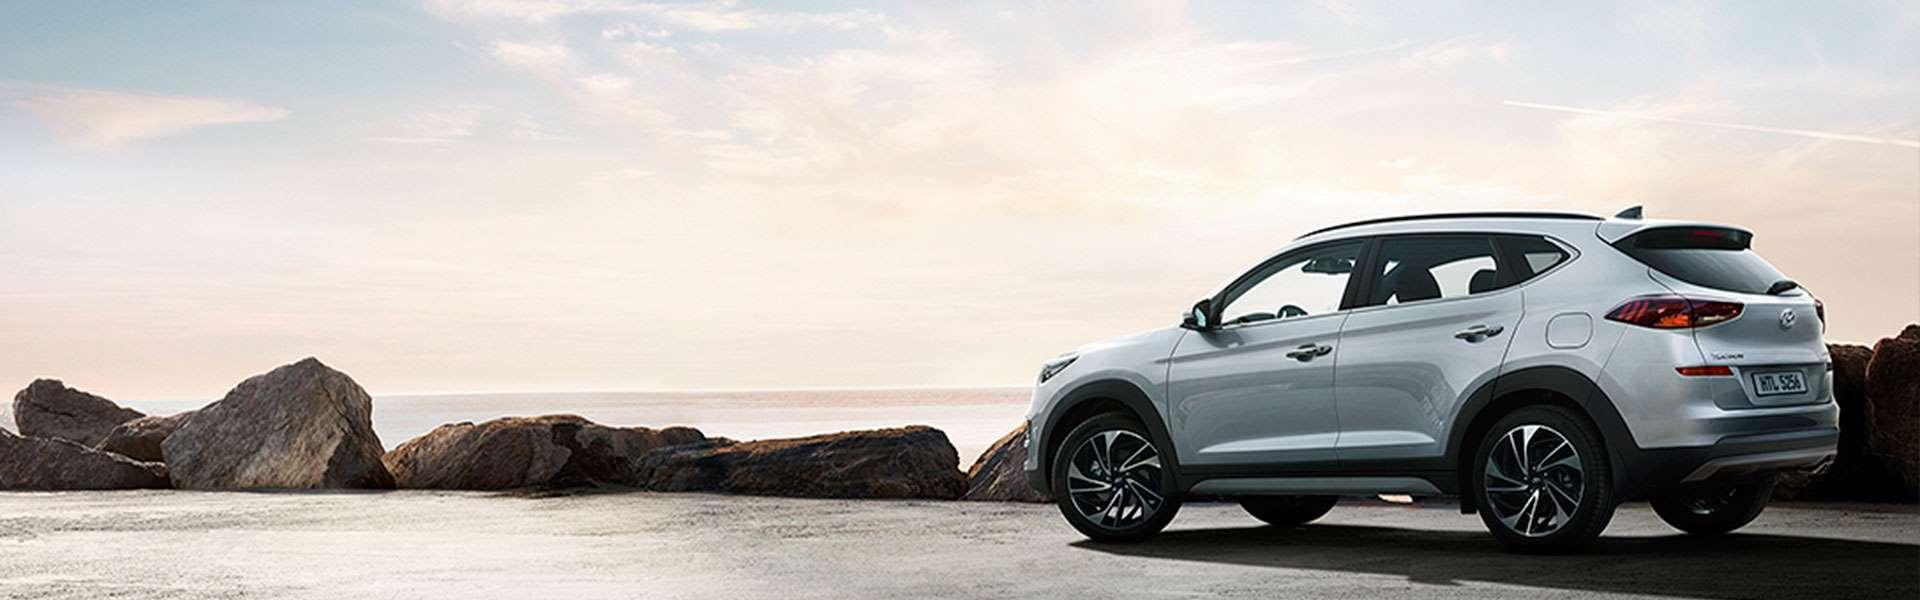 Hyundai Tucson - обзор